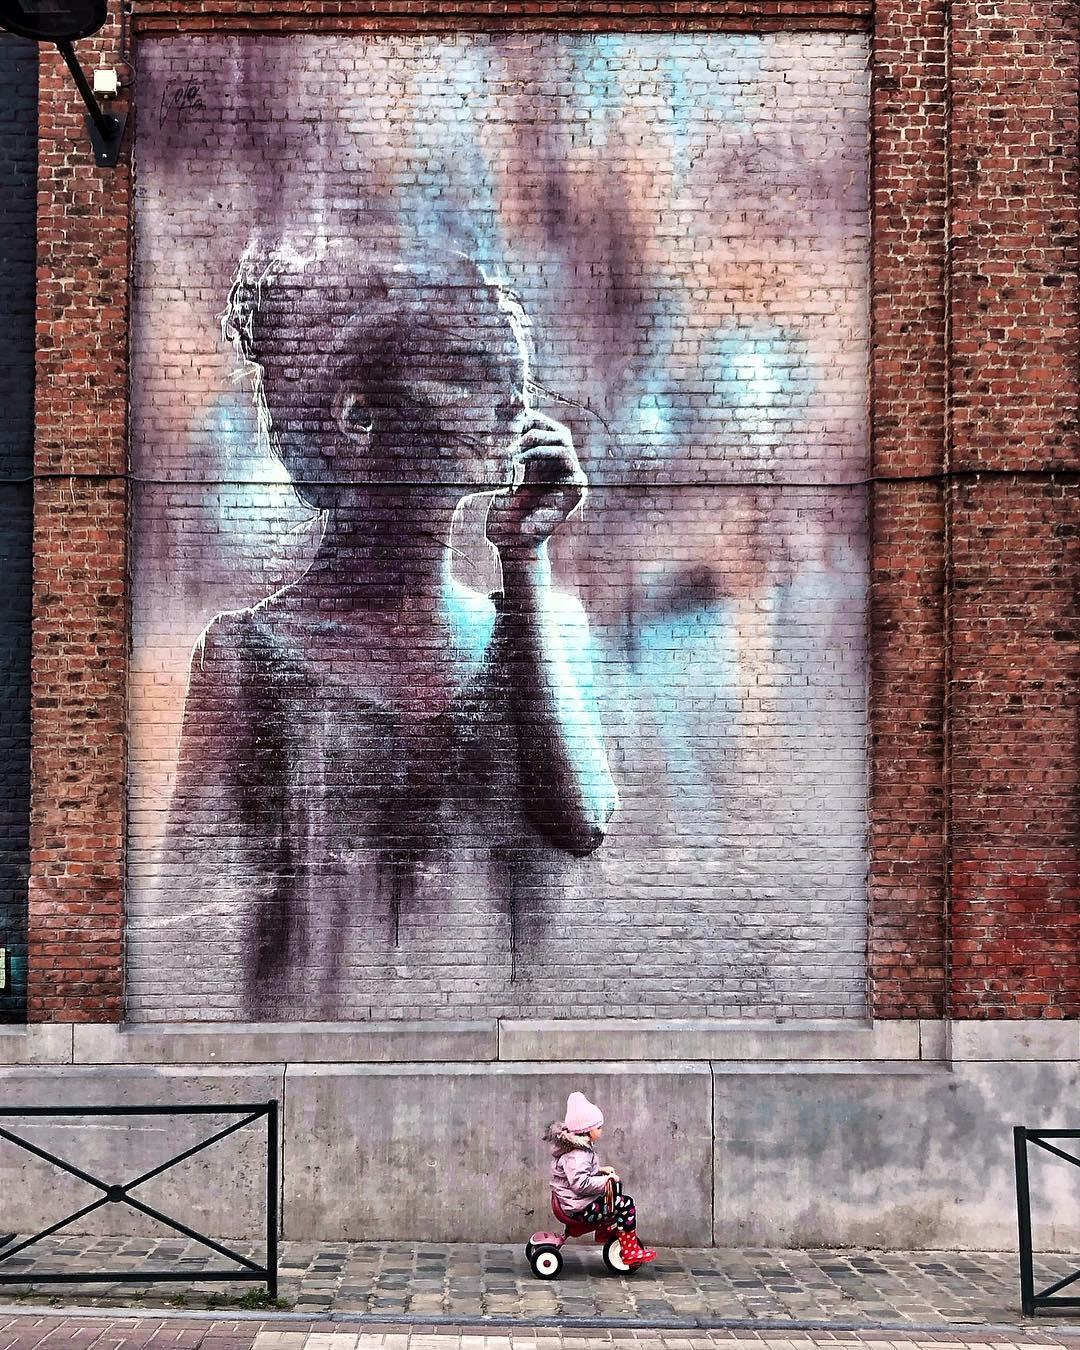 Iota @Brussels, Belgium